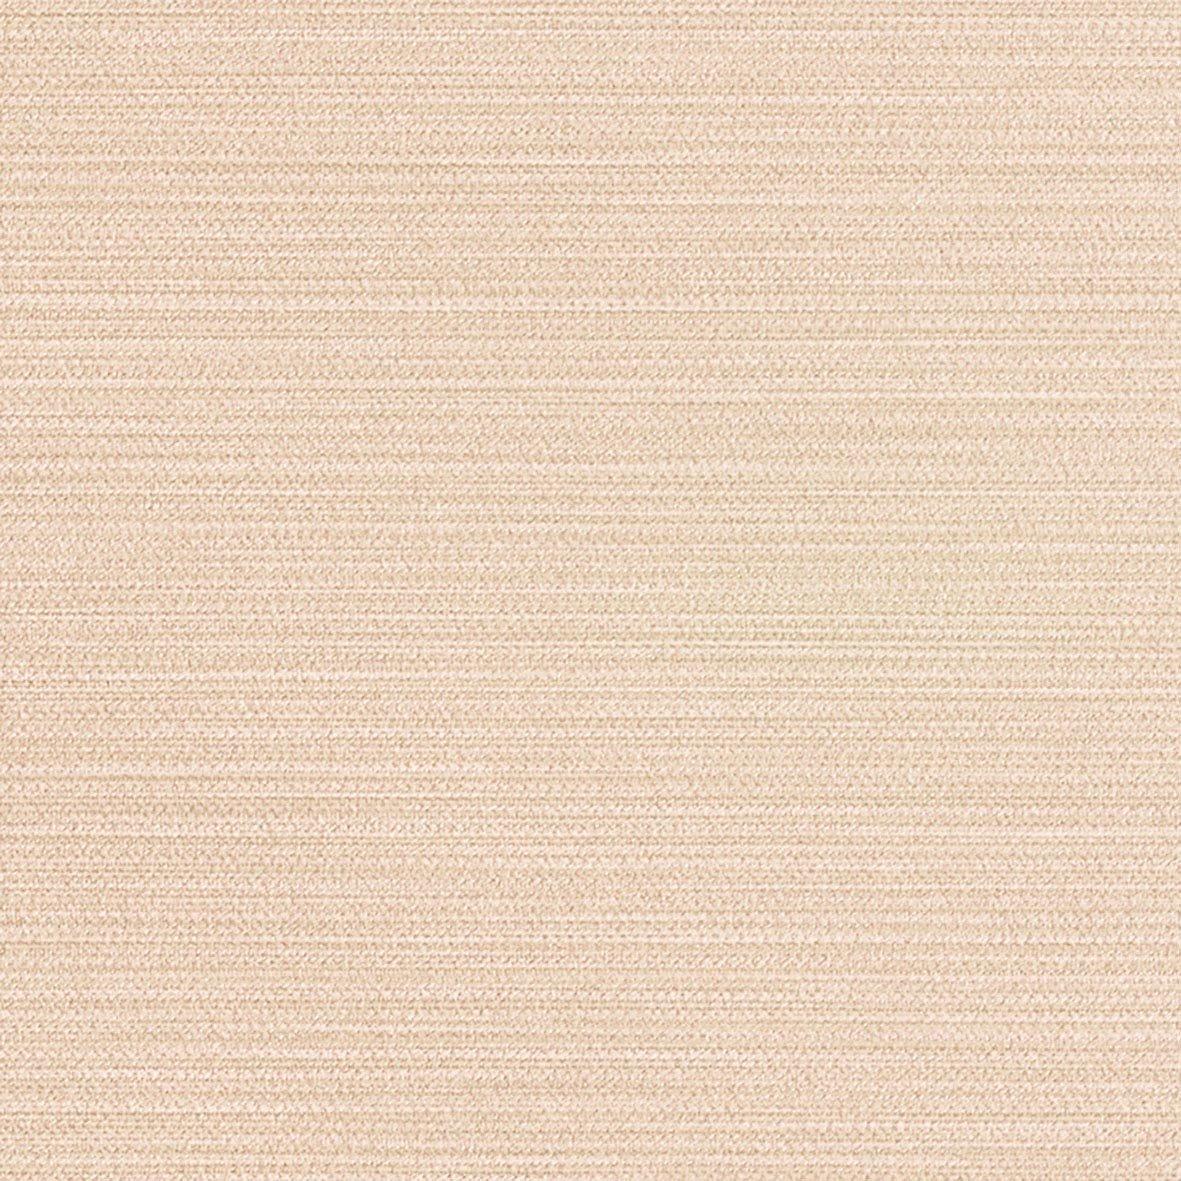 リリカラ 壁紙23m ナチュラル 織物調 ベージュ 撥水トップコートComfort Selection-消臭- LW-2135 B07611C3H8 23m|ベージュ2